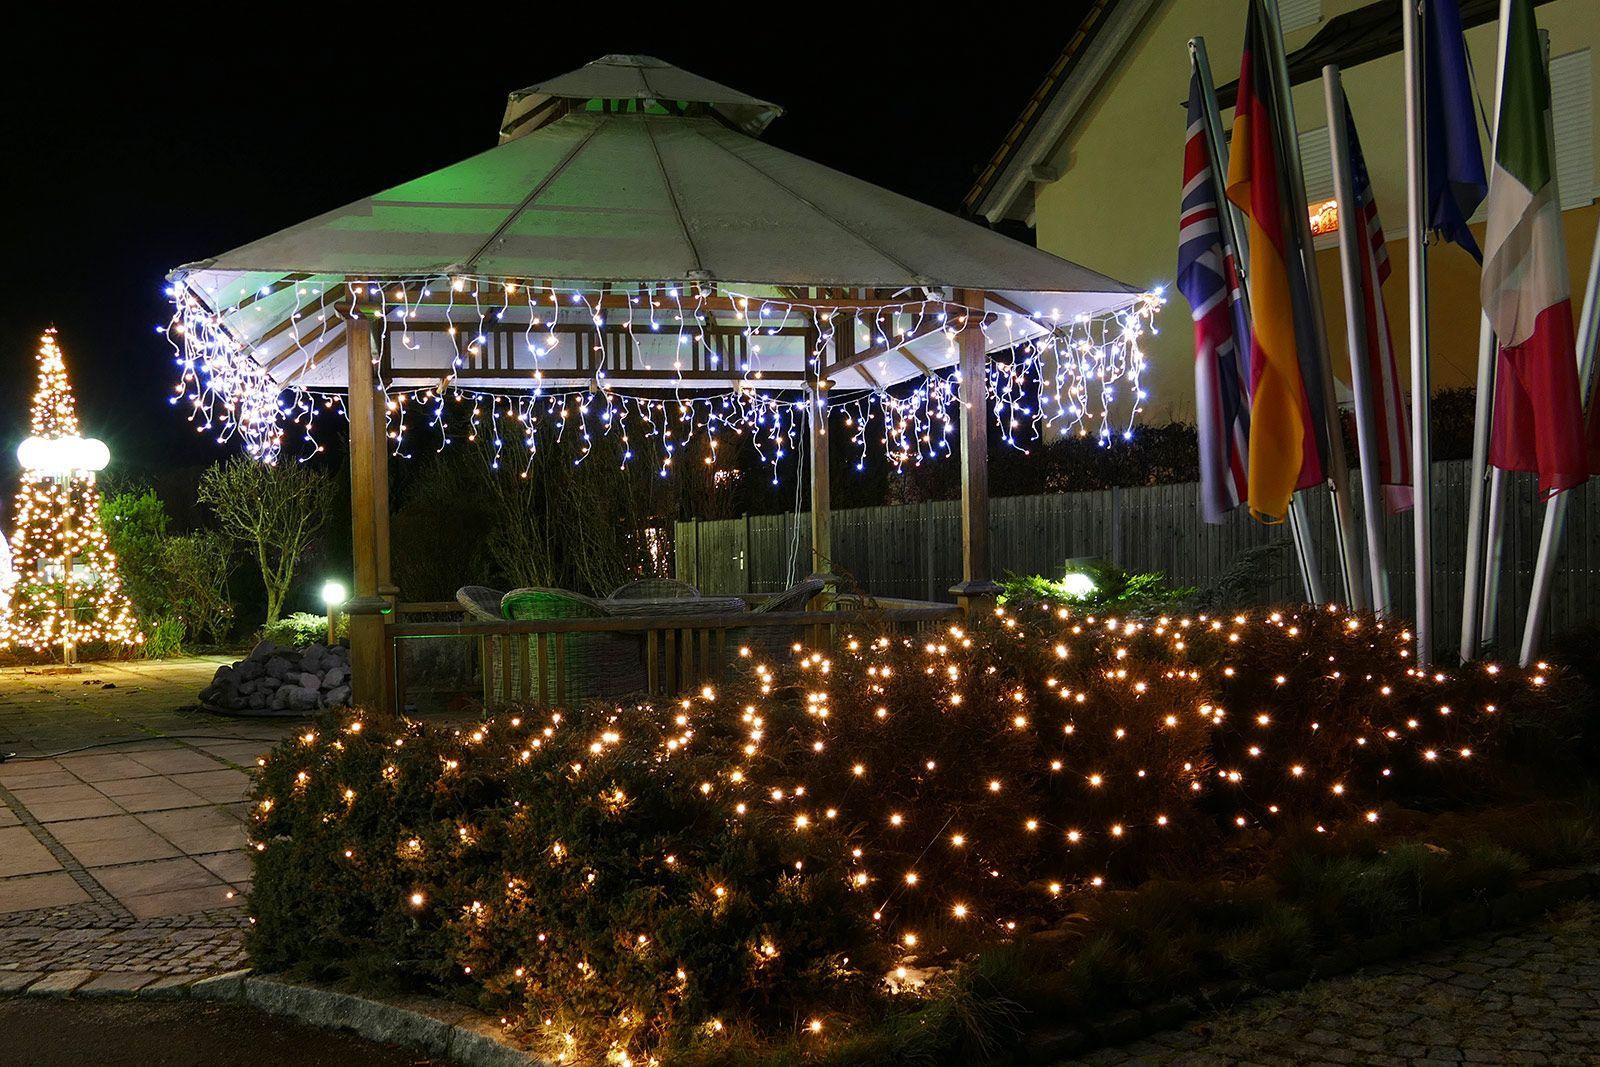 Neu Lichternetz Mit Flash Zur Weihnachtsbeleuchtung Die Neuen Lichternetze Gibt Es Nun Mit 10 Blinkend Lichternetz Weihnachtsbeleuchtung Weihnachtslichter